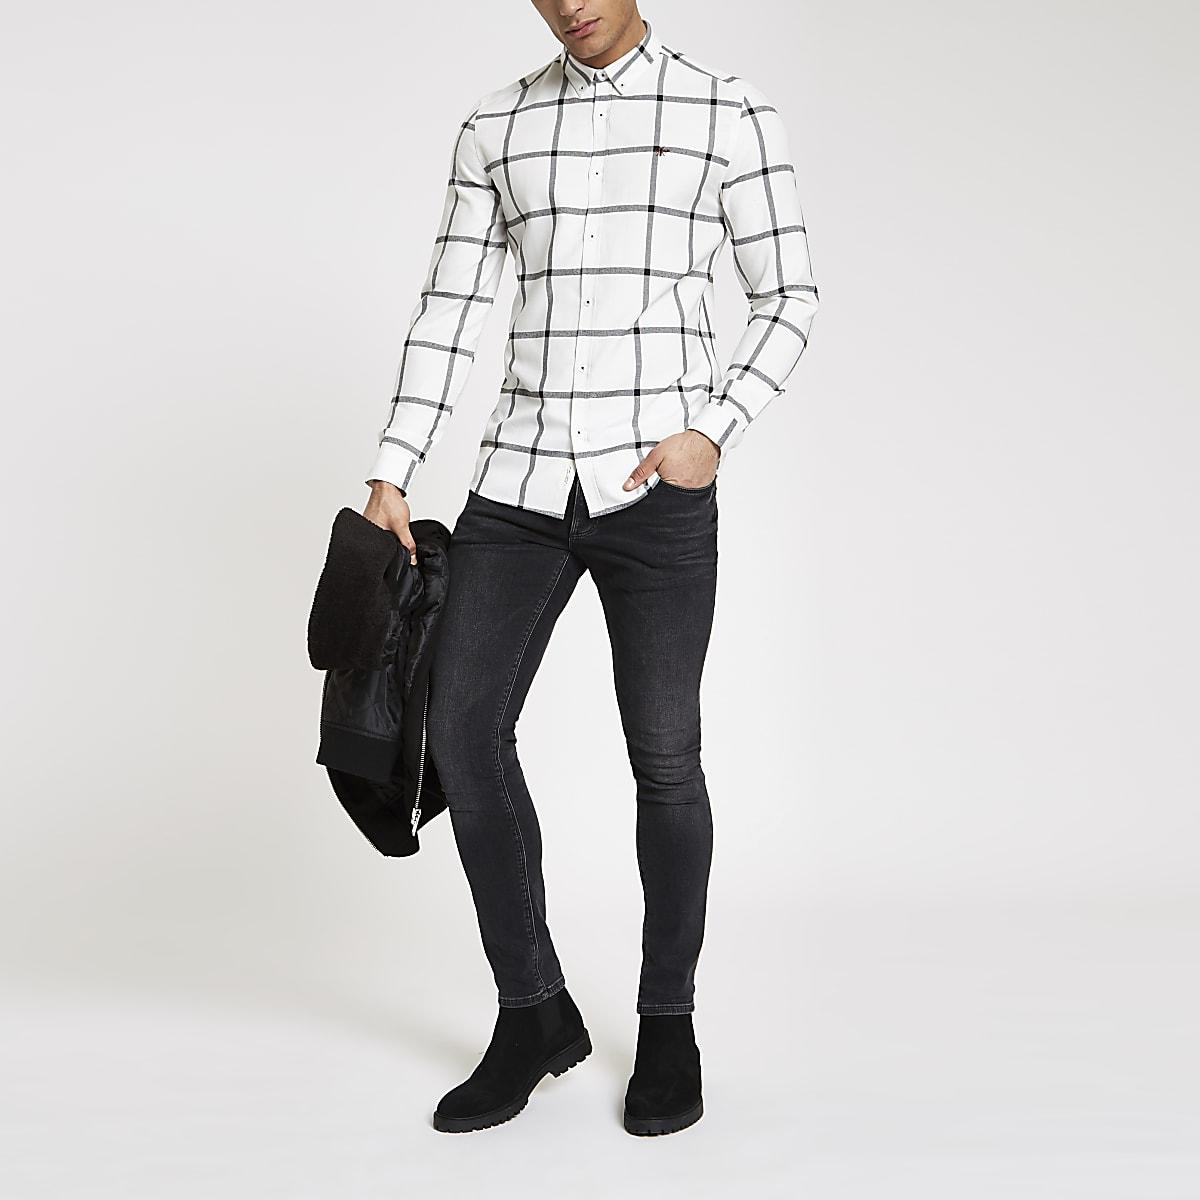 Zwart Wit Geruit Overhemd.Wit Geruit Overhemd Met Knopen En Lange Mouwen Overhemden Met